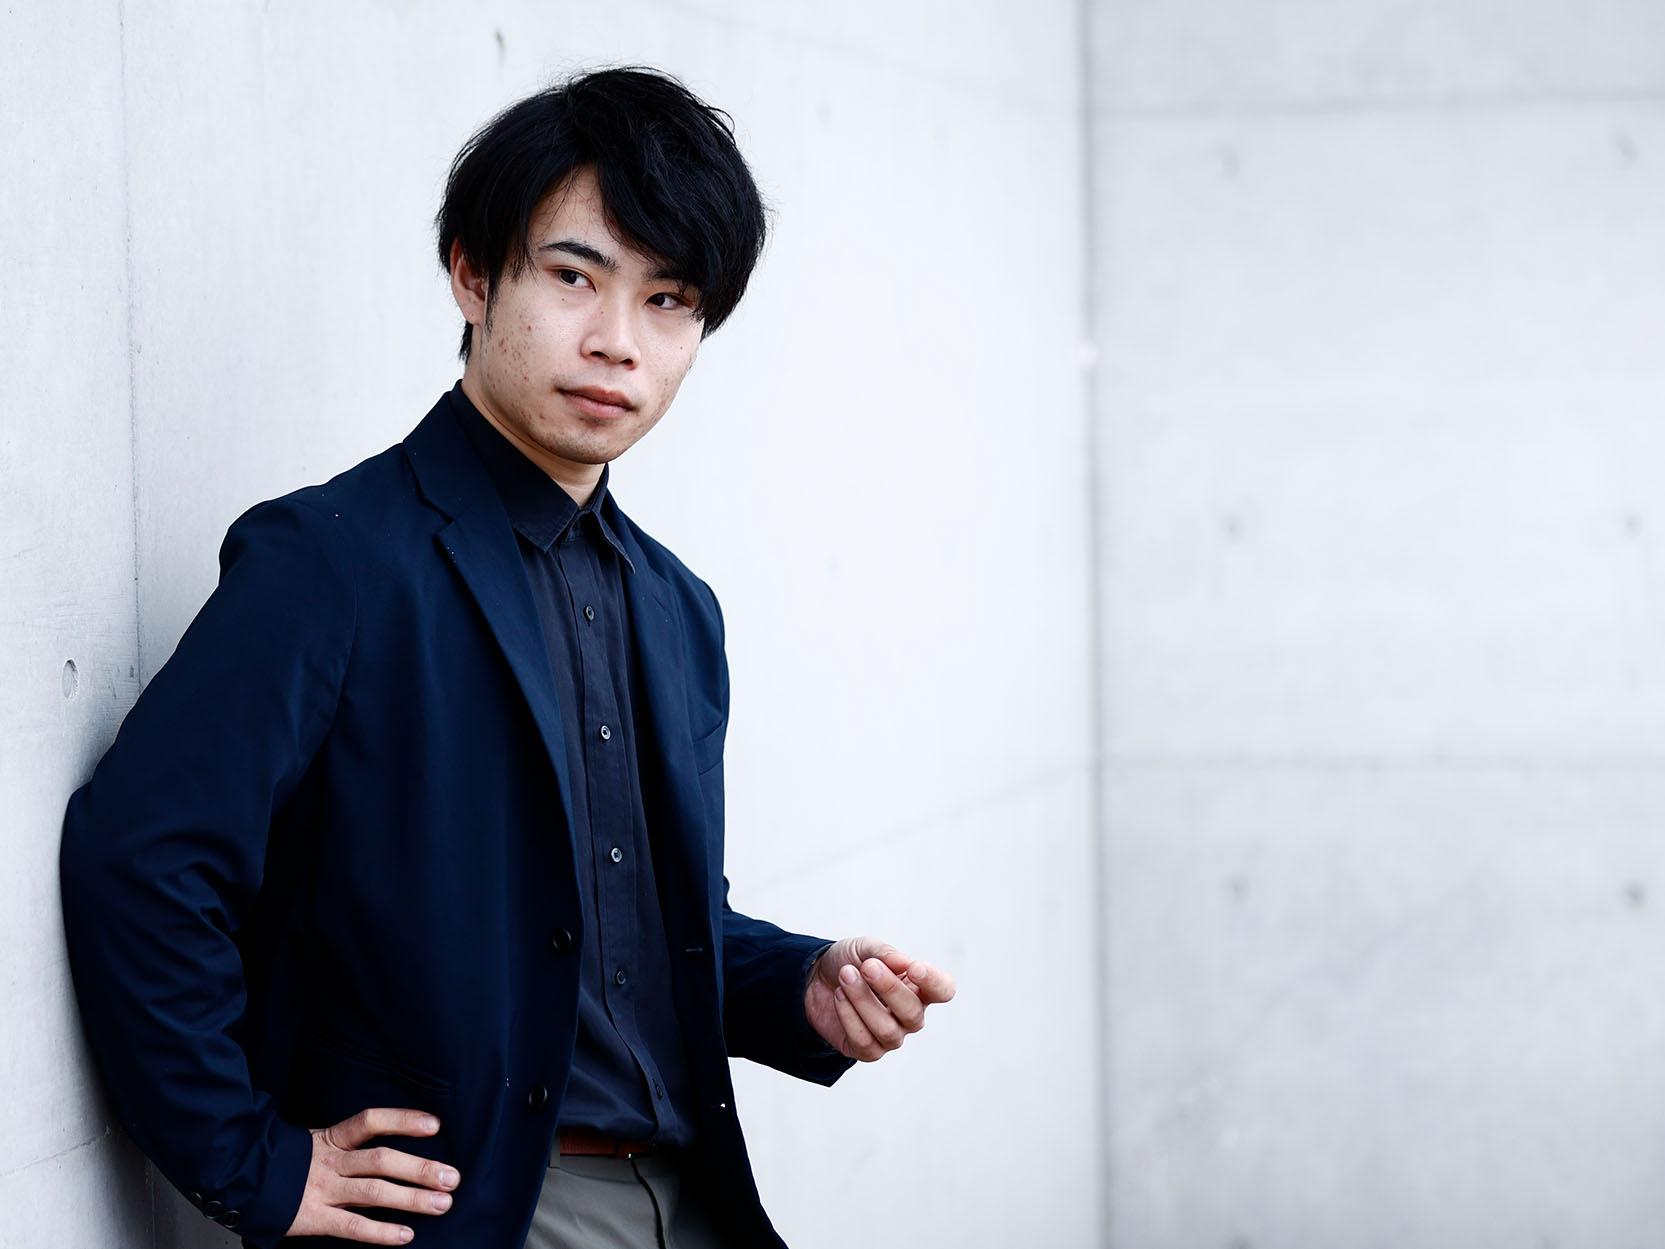 福嶋 政太さんの写真